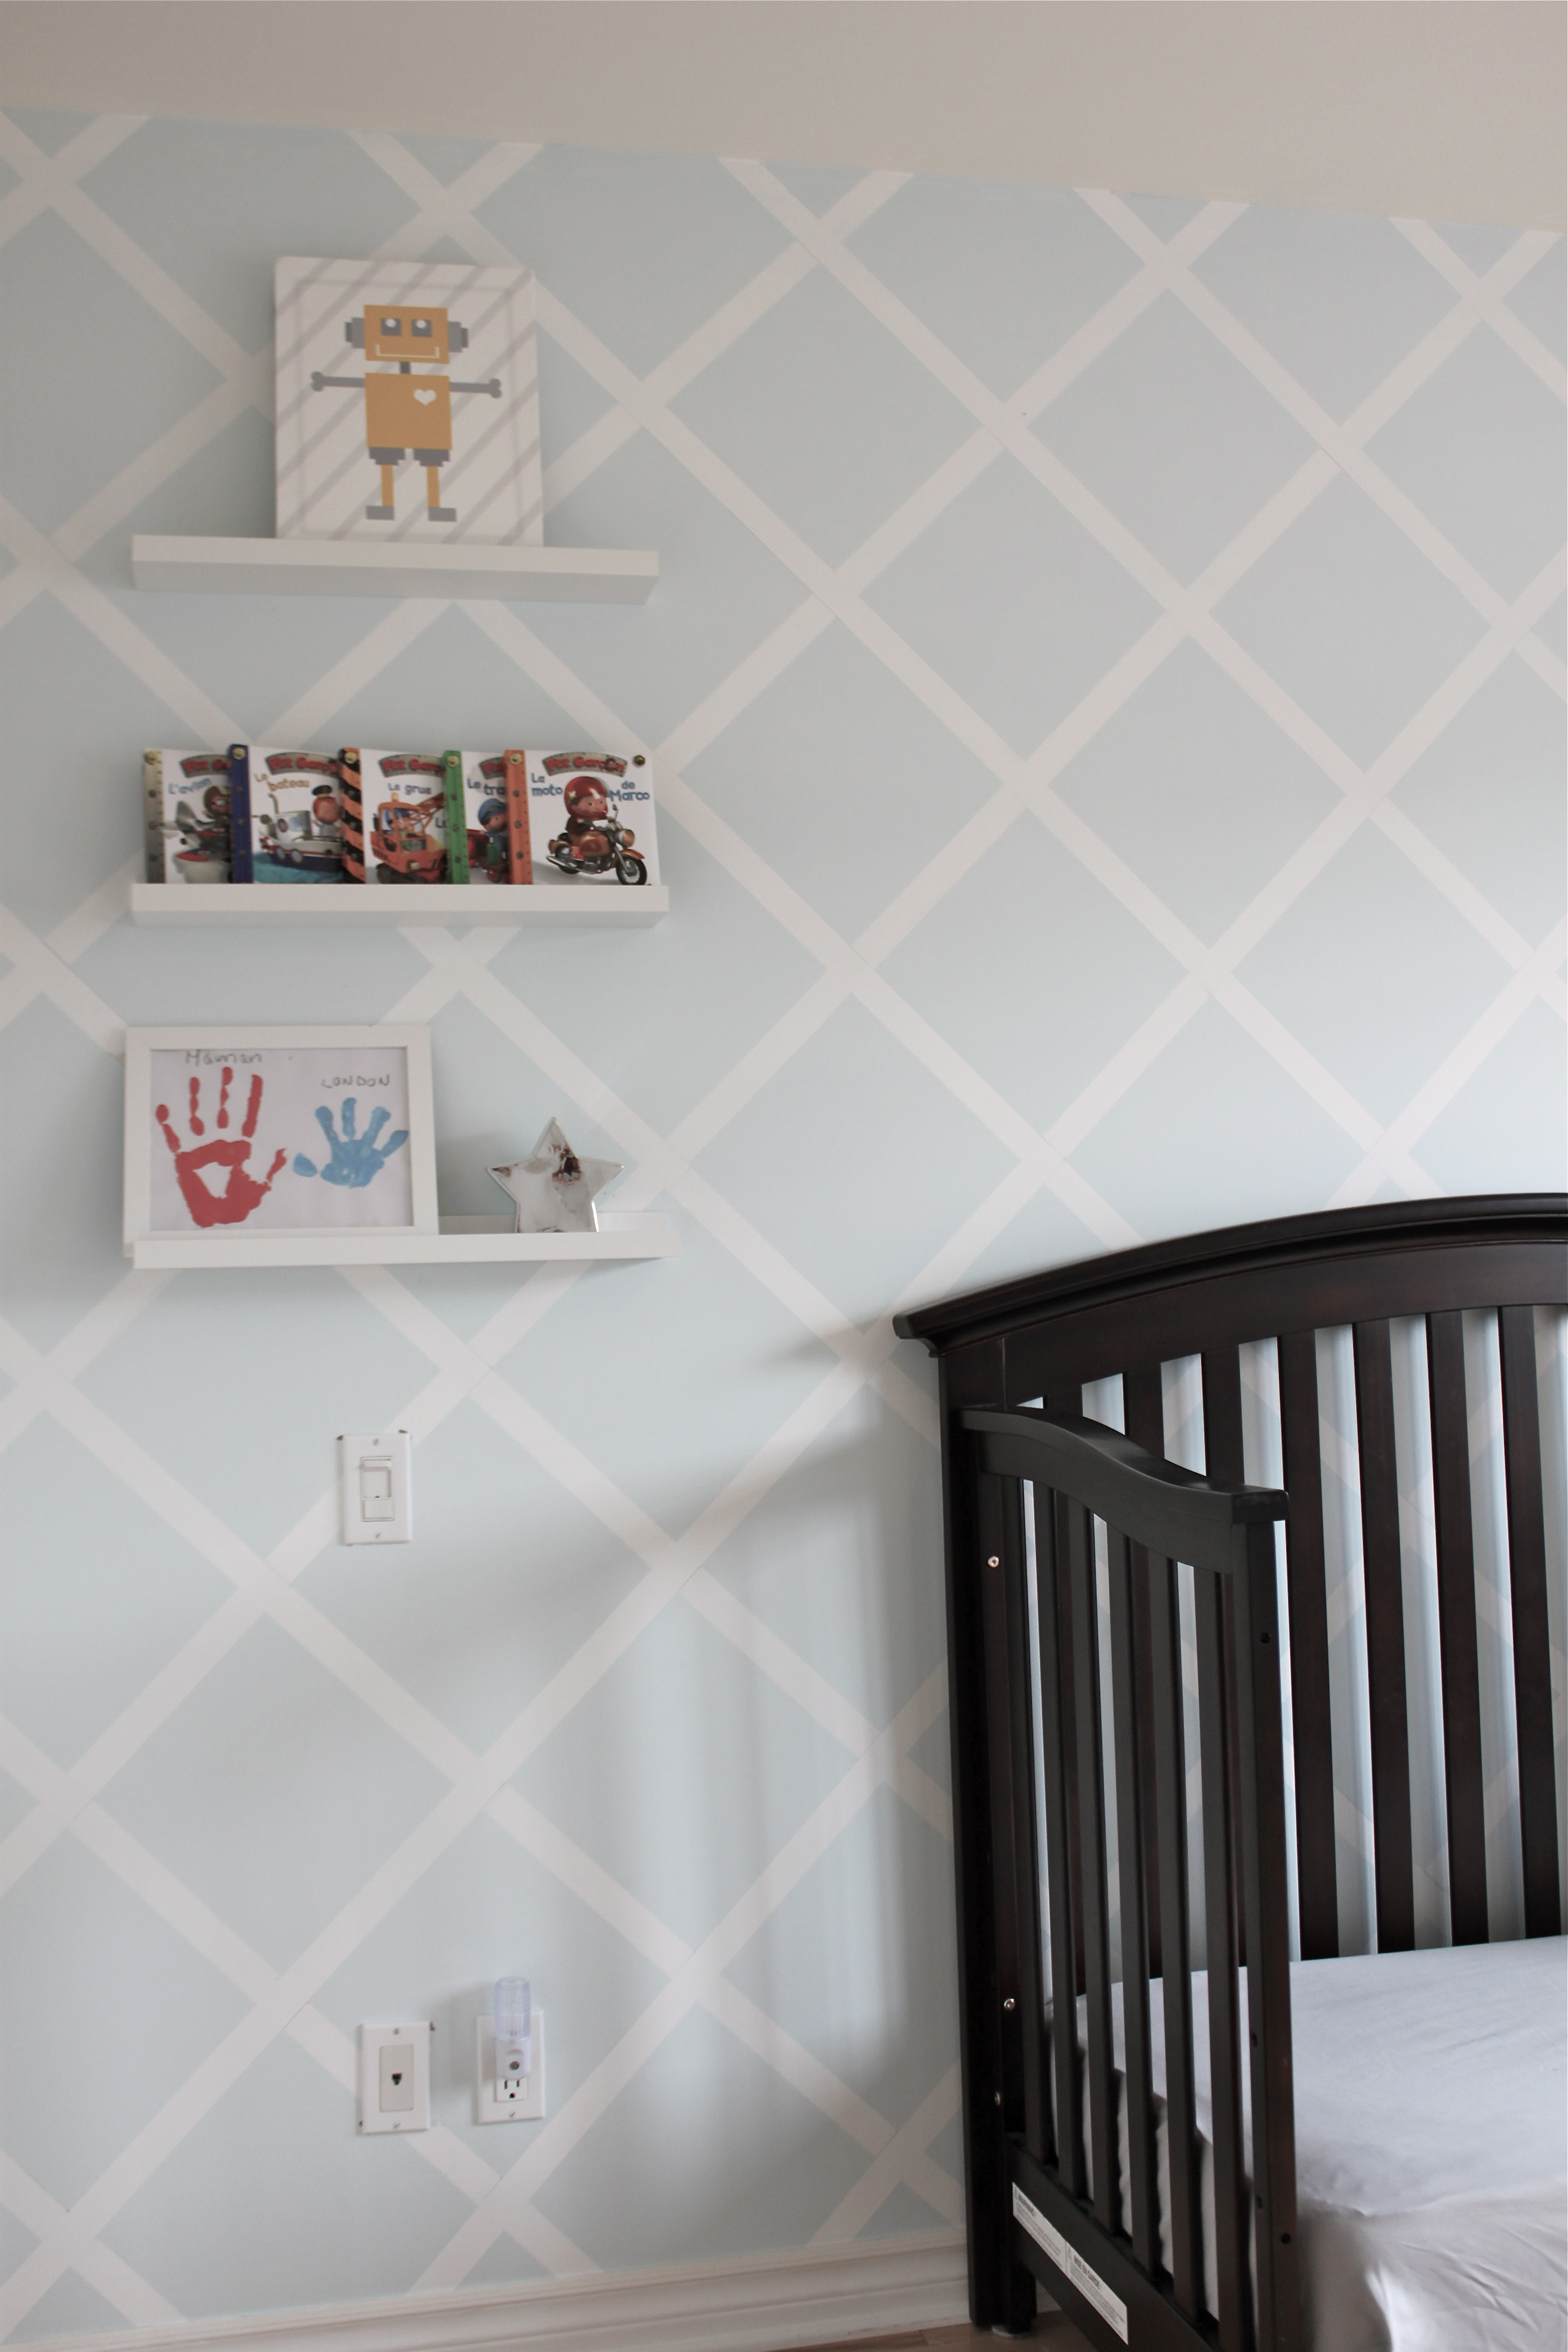 Comment Faire Des Rayures En Peinture Sur Un Mur secret : rayures et lignes décoratives parfaites pour épater